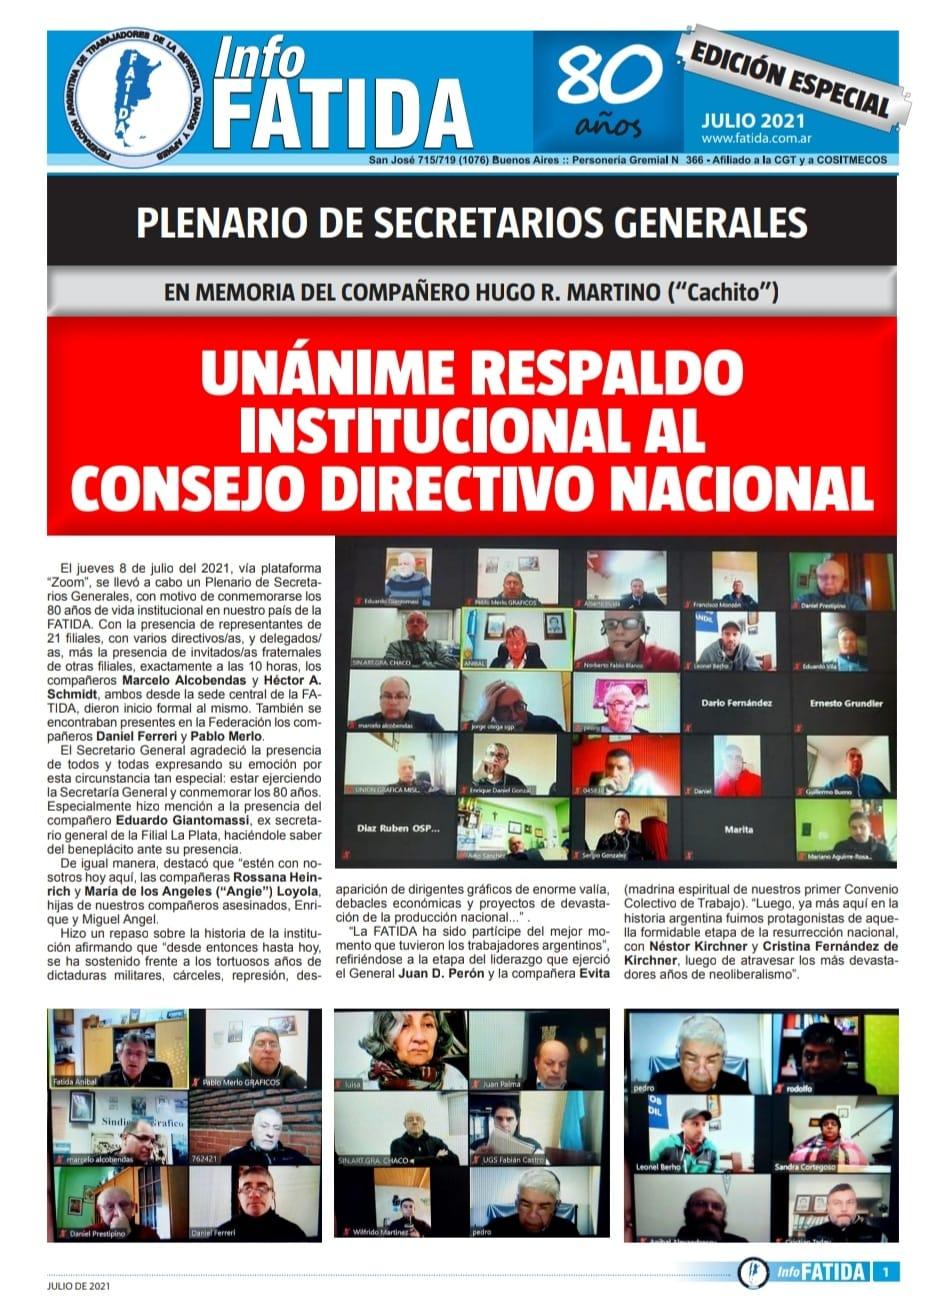 InfoFATIDA edición especial 80 años